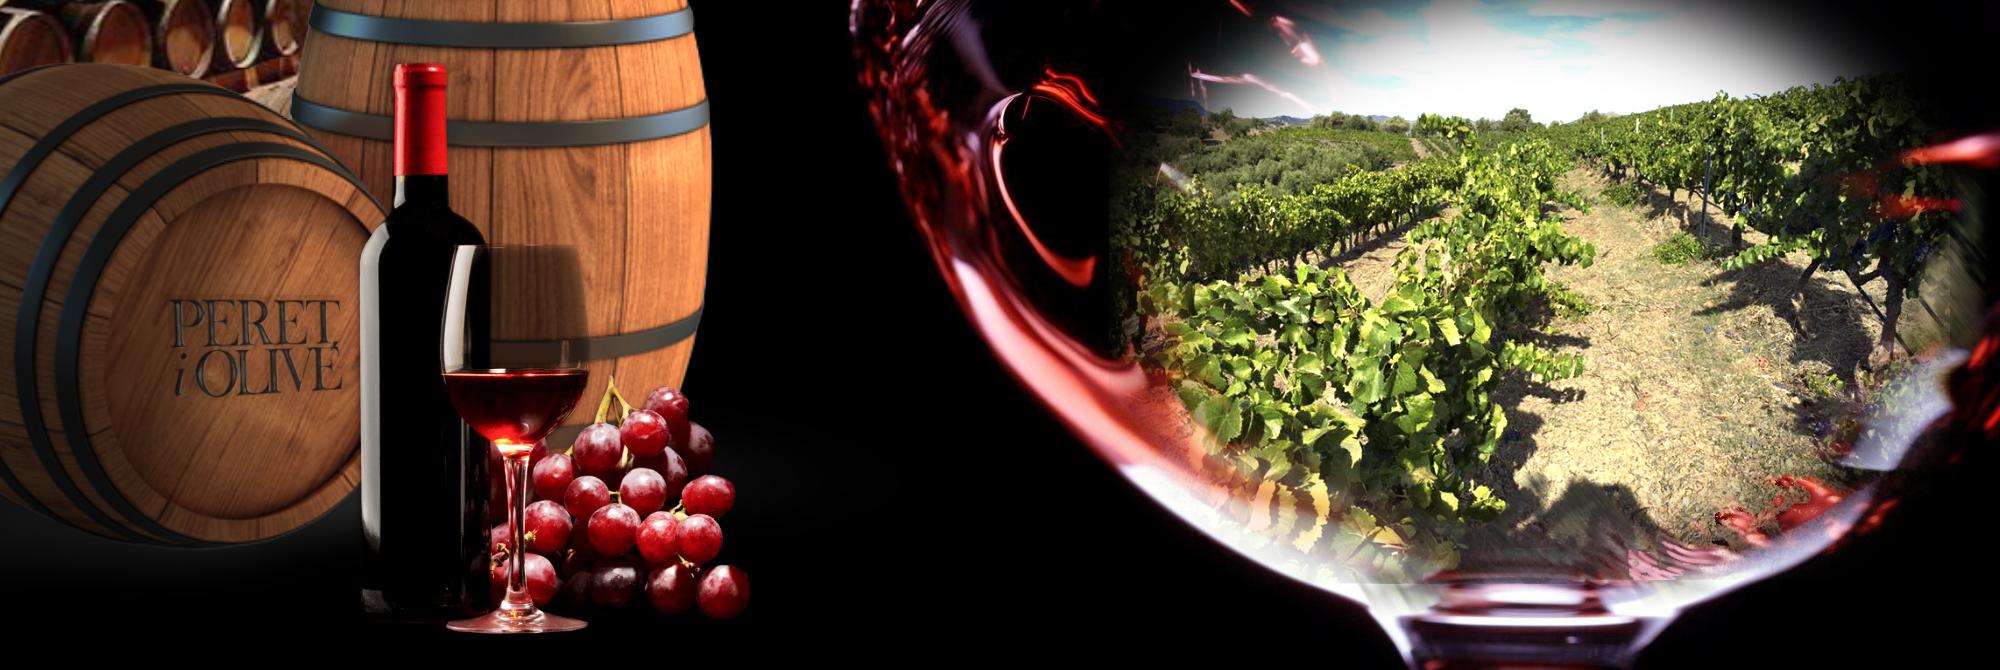 vins i caves cornella baix llobregat, cavas cornella baix llobregat, vinos baix llobregat,